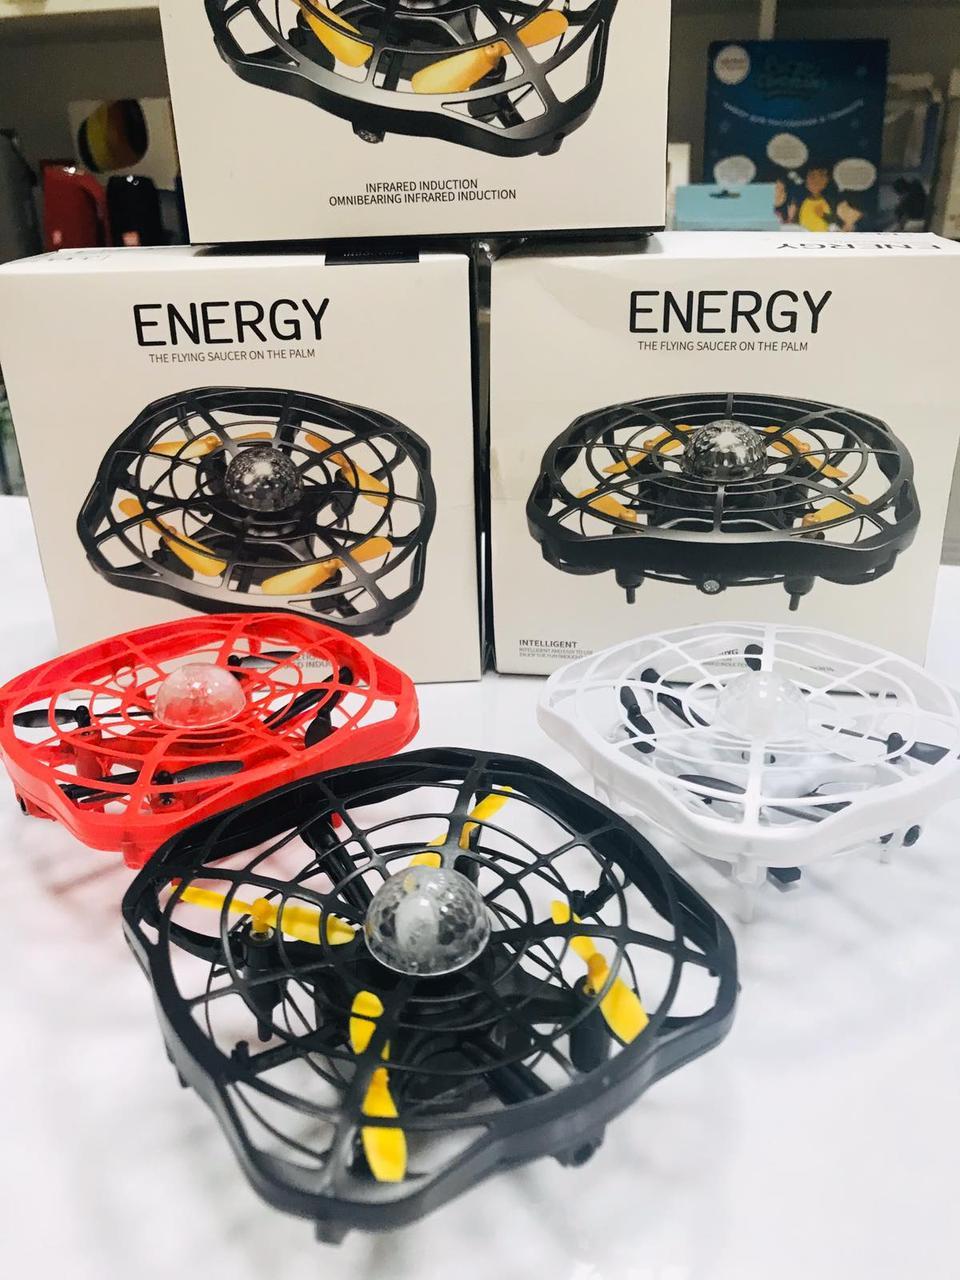 КВАДРОКОПТЕР ENERGY UFO Карманный дрон с управлением жестами руки ENERGY ave